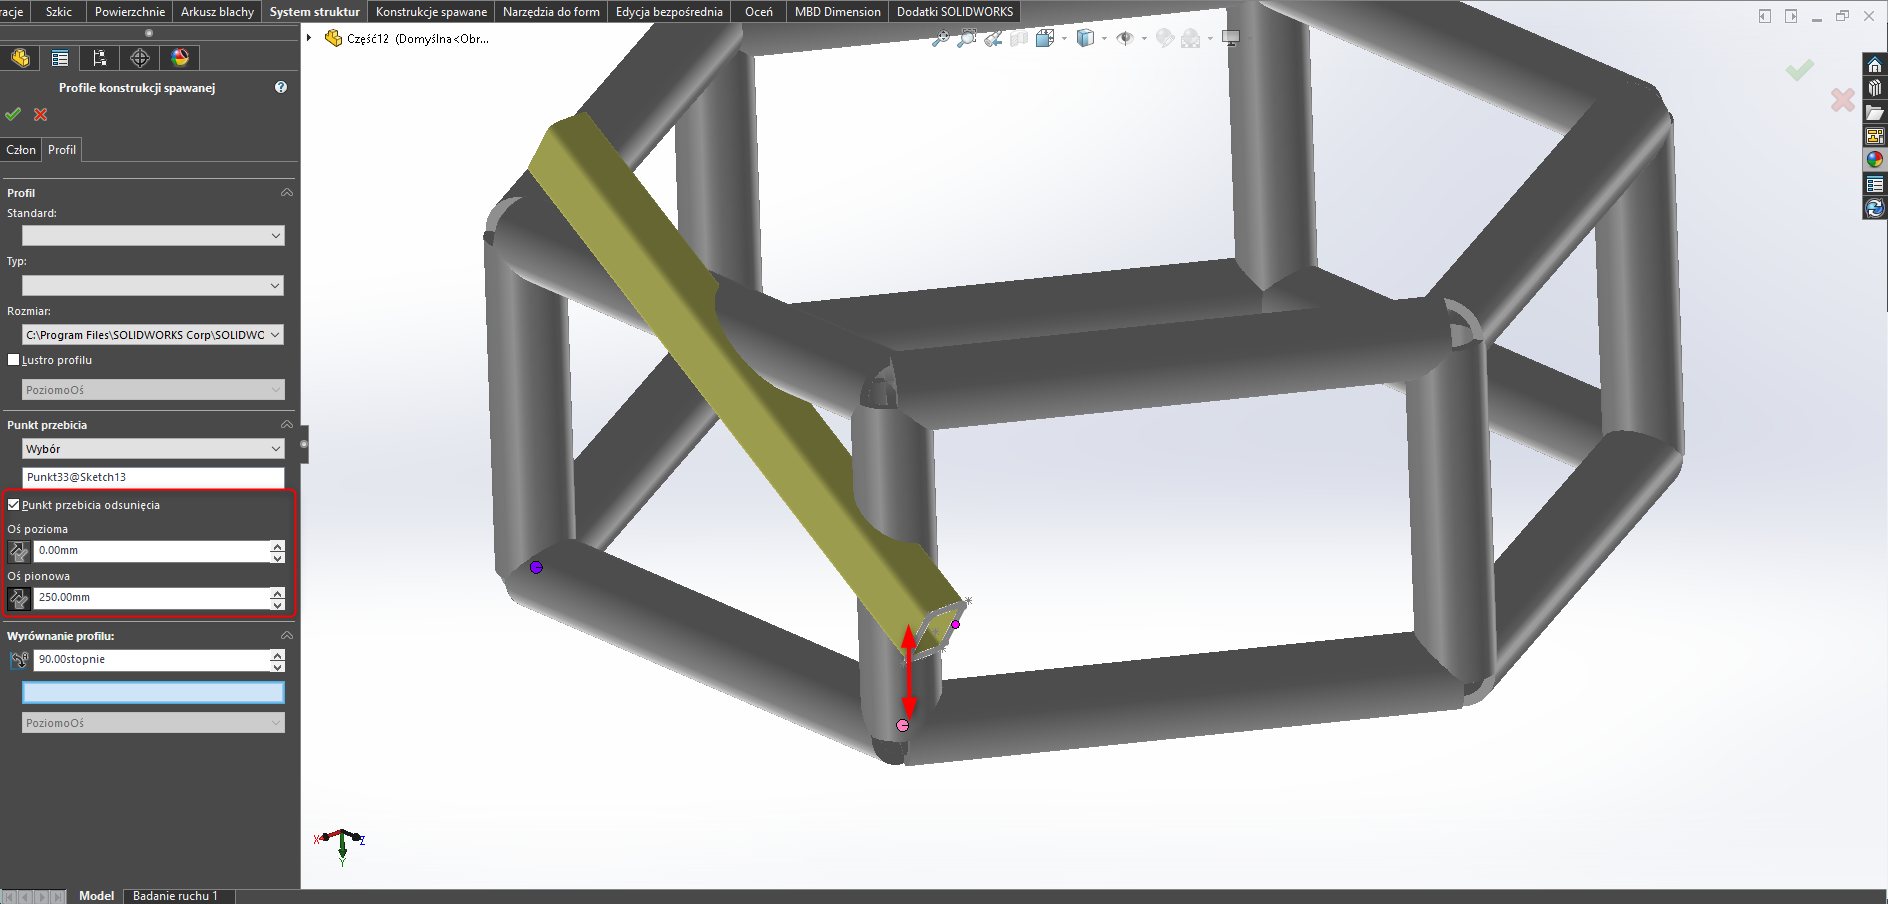 Obraz zawierający stół, komputer Opis wygenerowany automatycznie